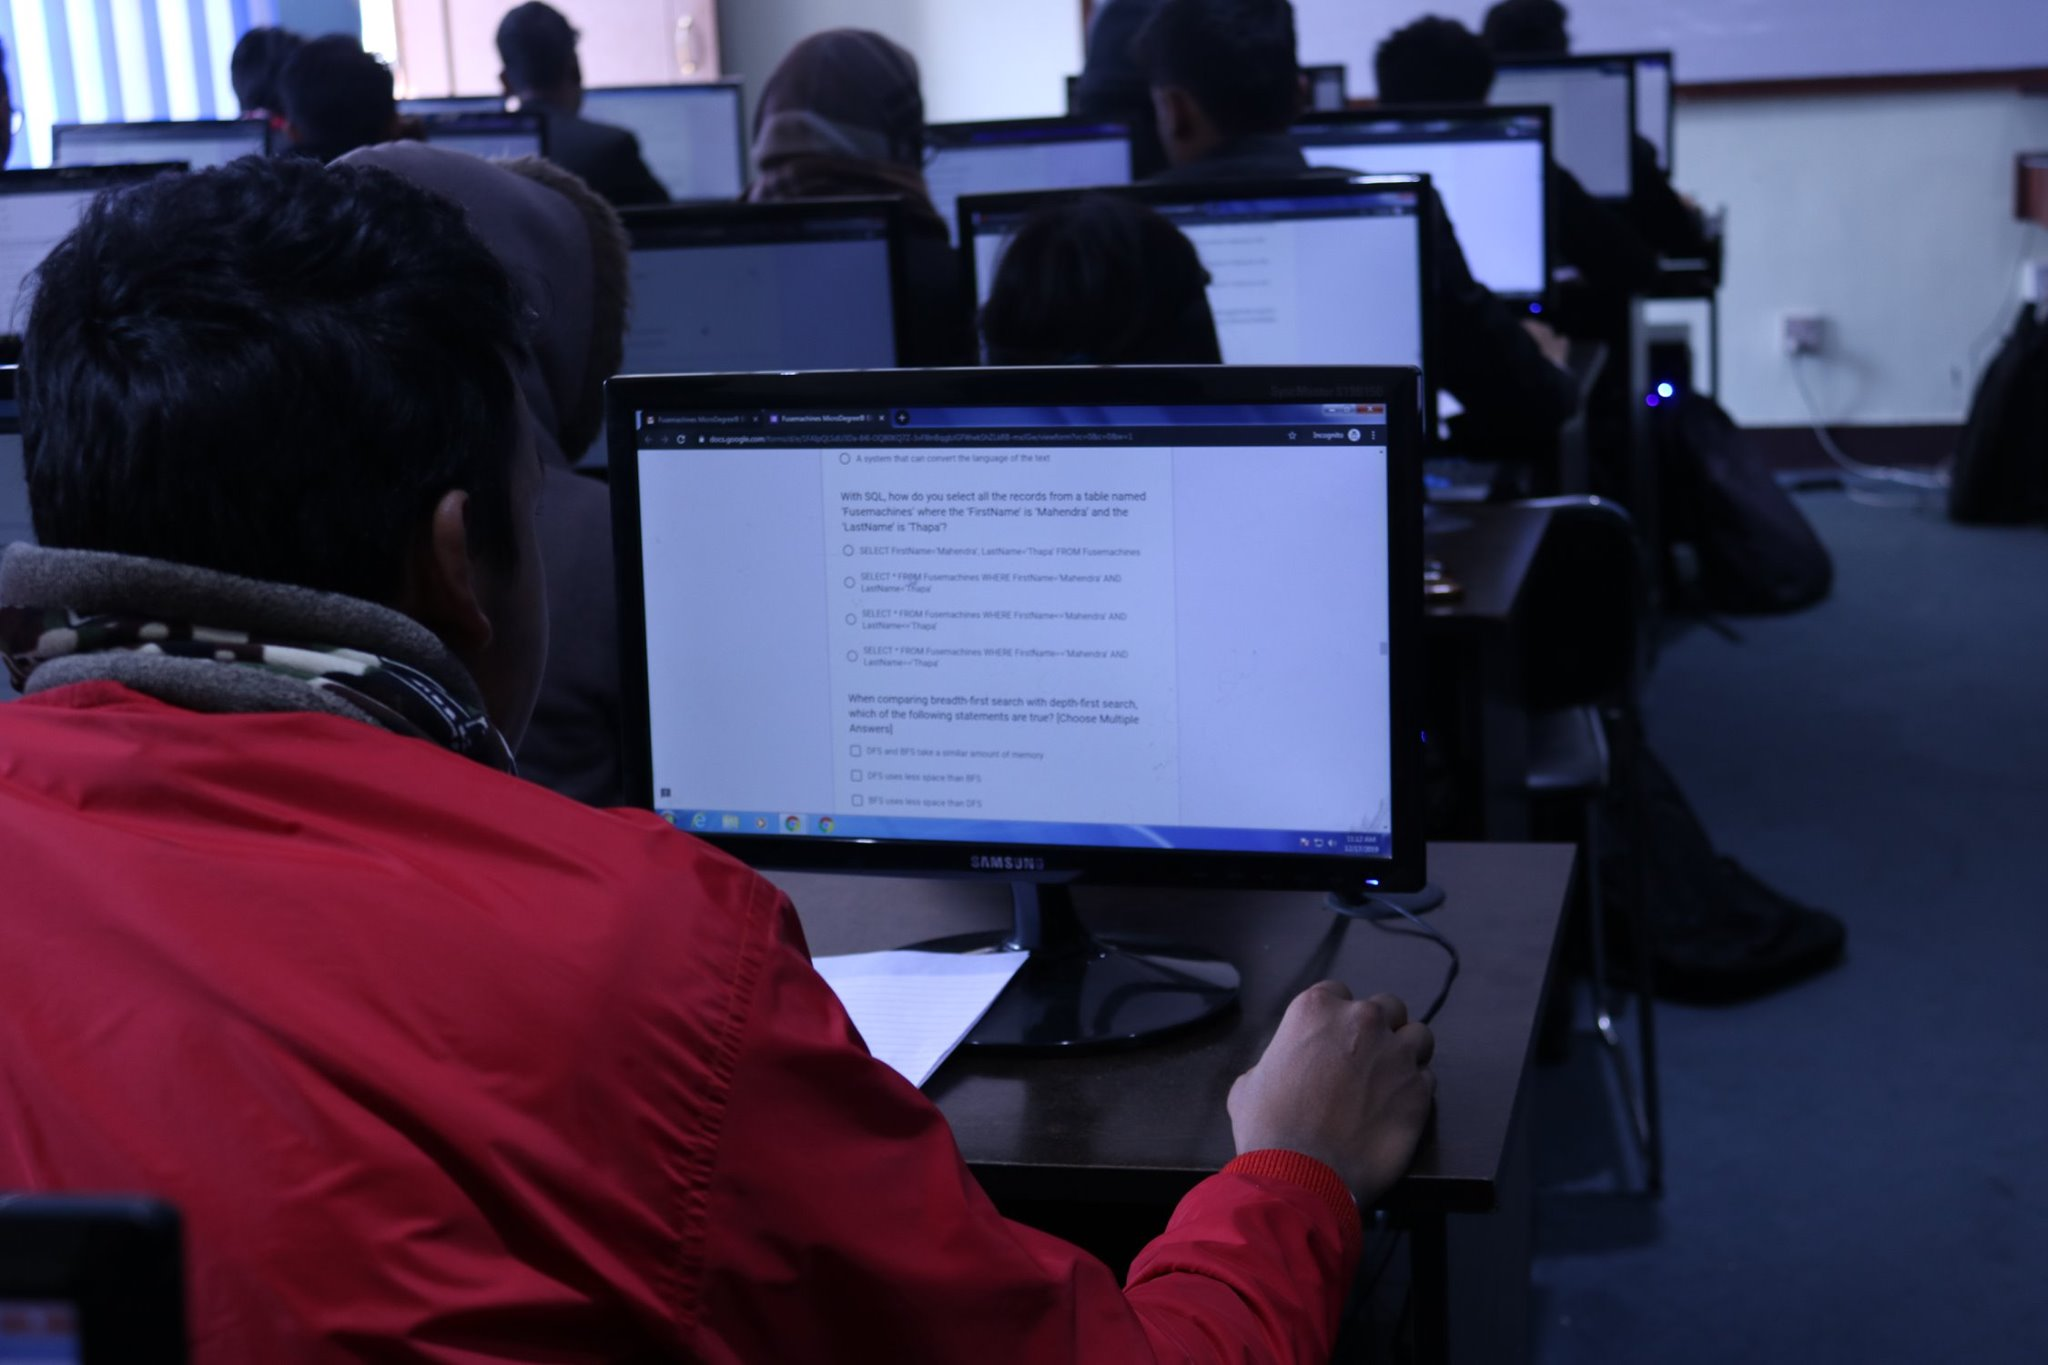 BCA Course In Samriddhi College